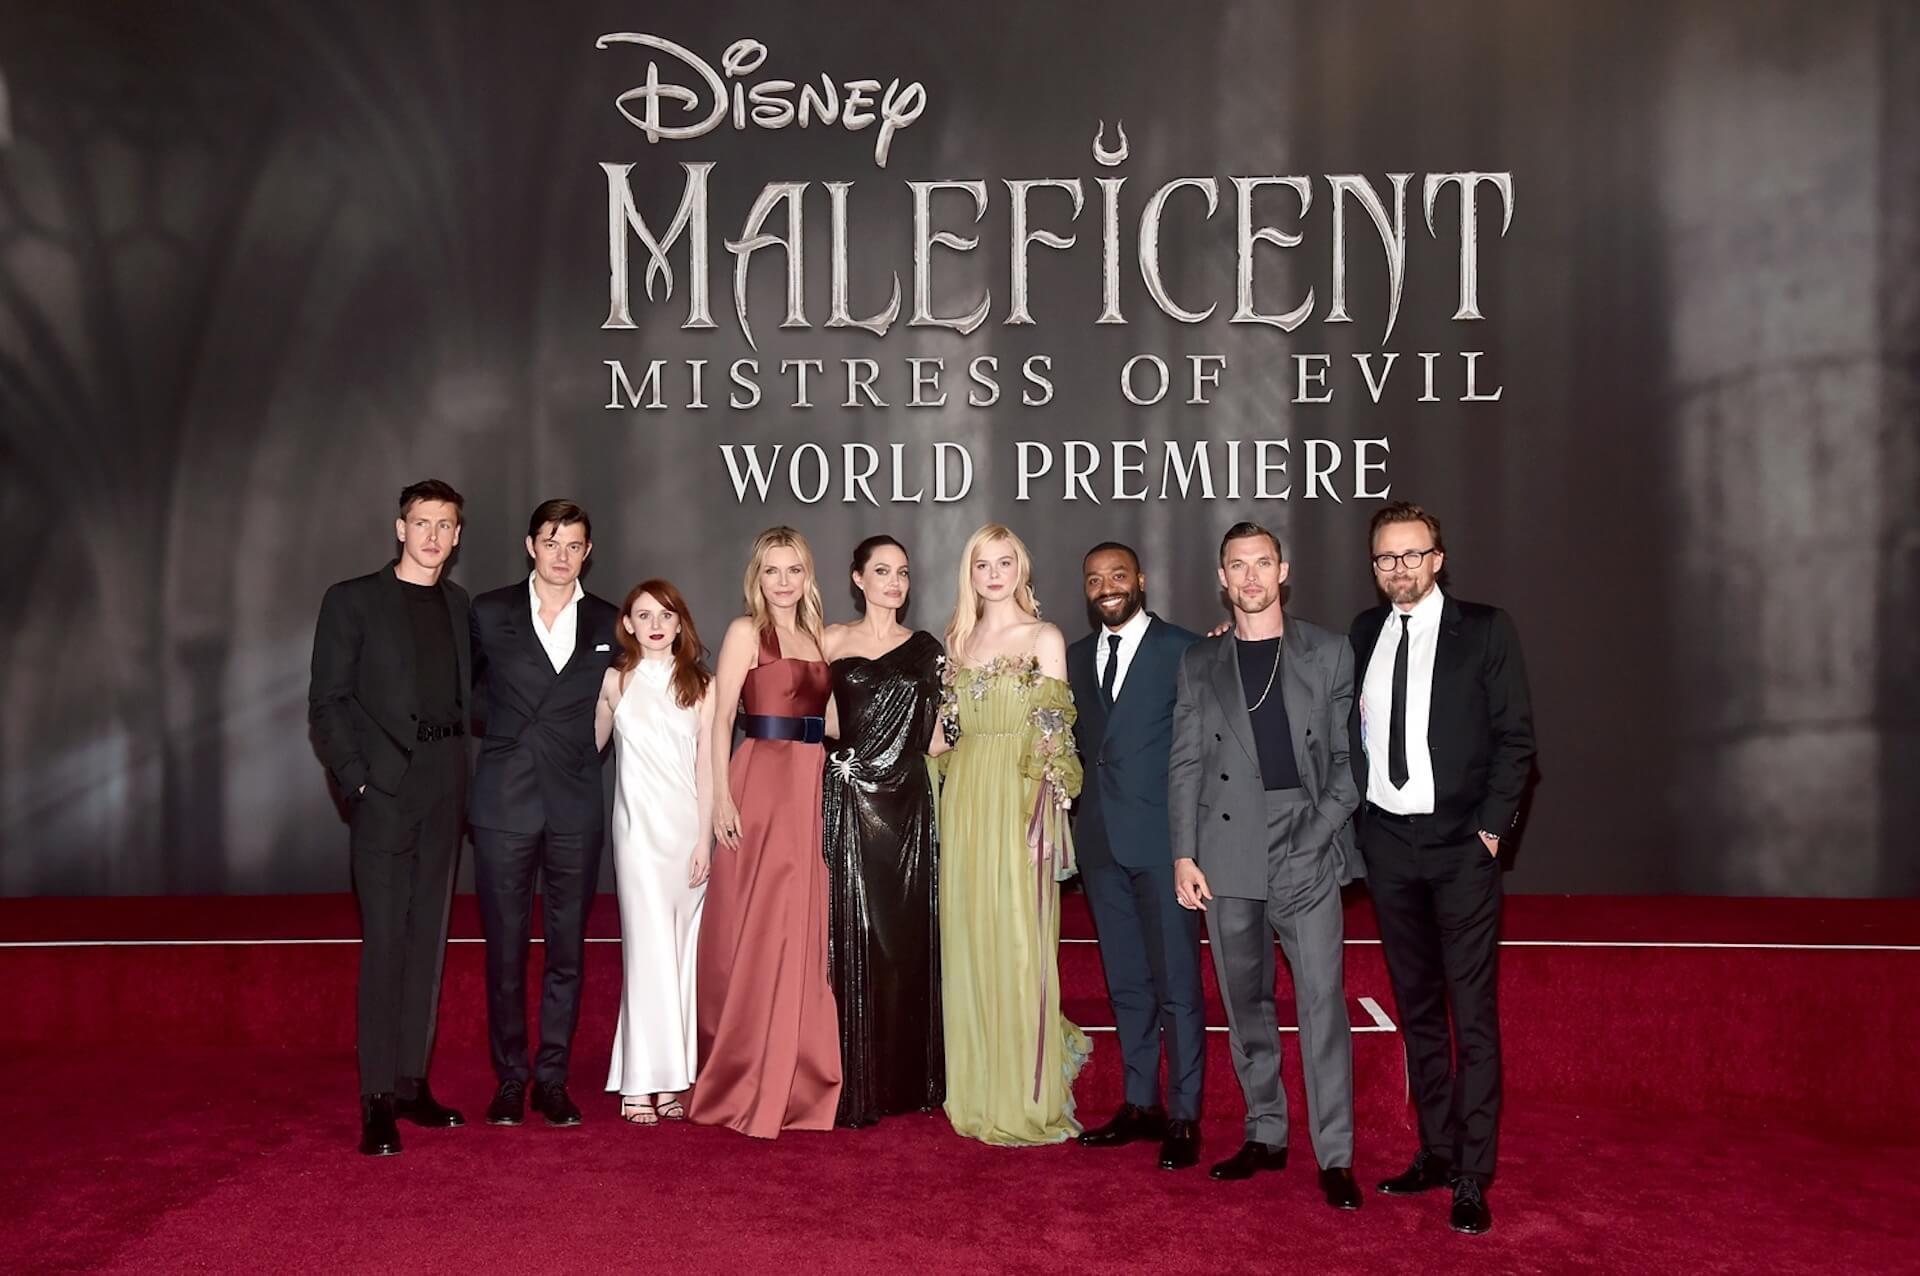 アンジー「私達はクレイジーな大家族」エル・ファニングにミシェル・ファイファーも登場『マレフィセント2』ワールドプレミアが開催 film191002_maleficent2_main